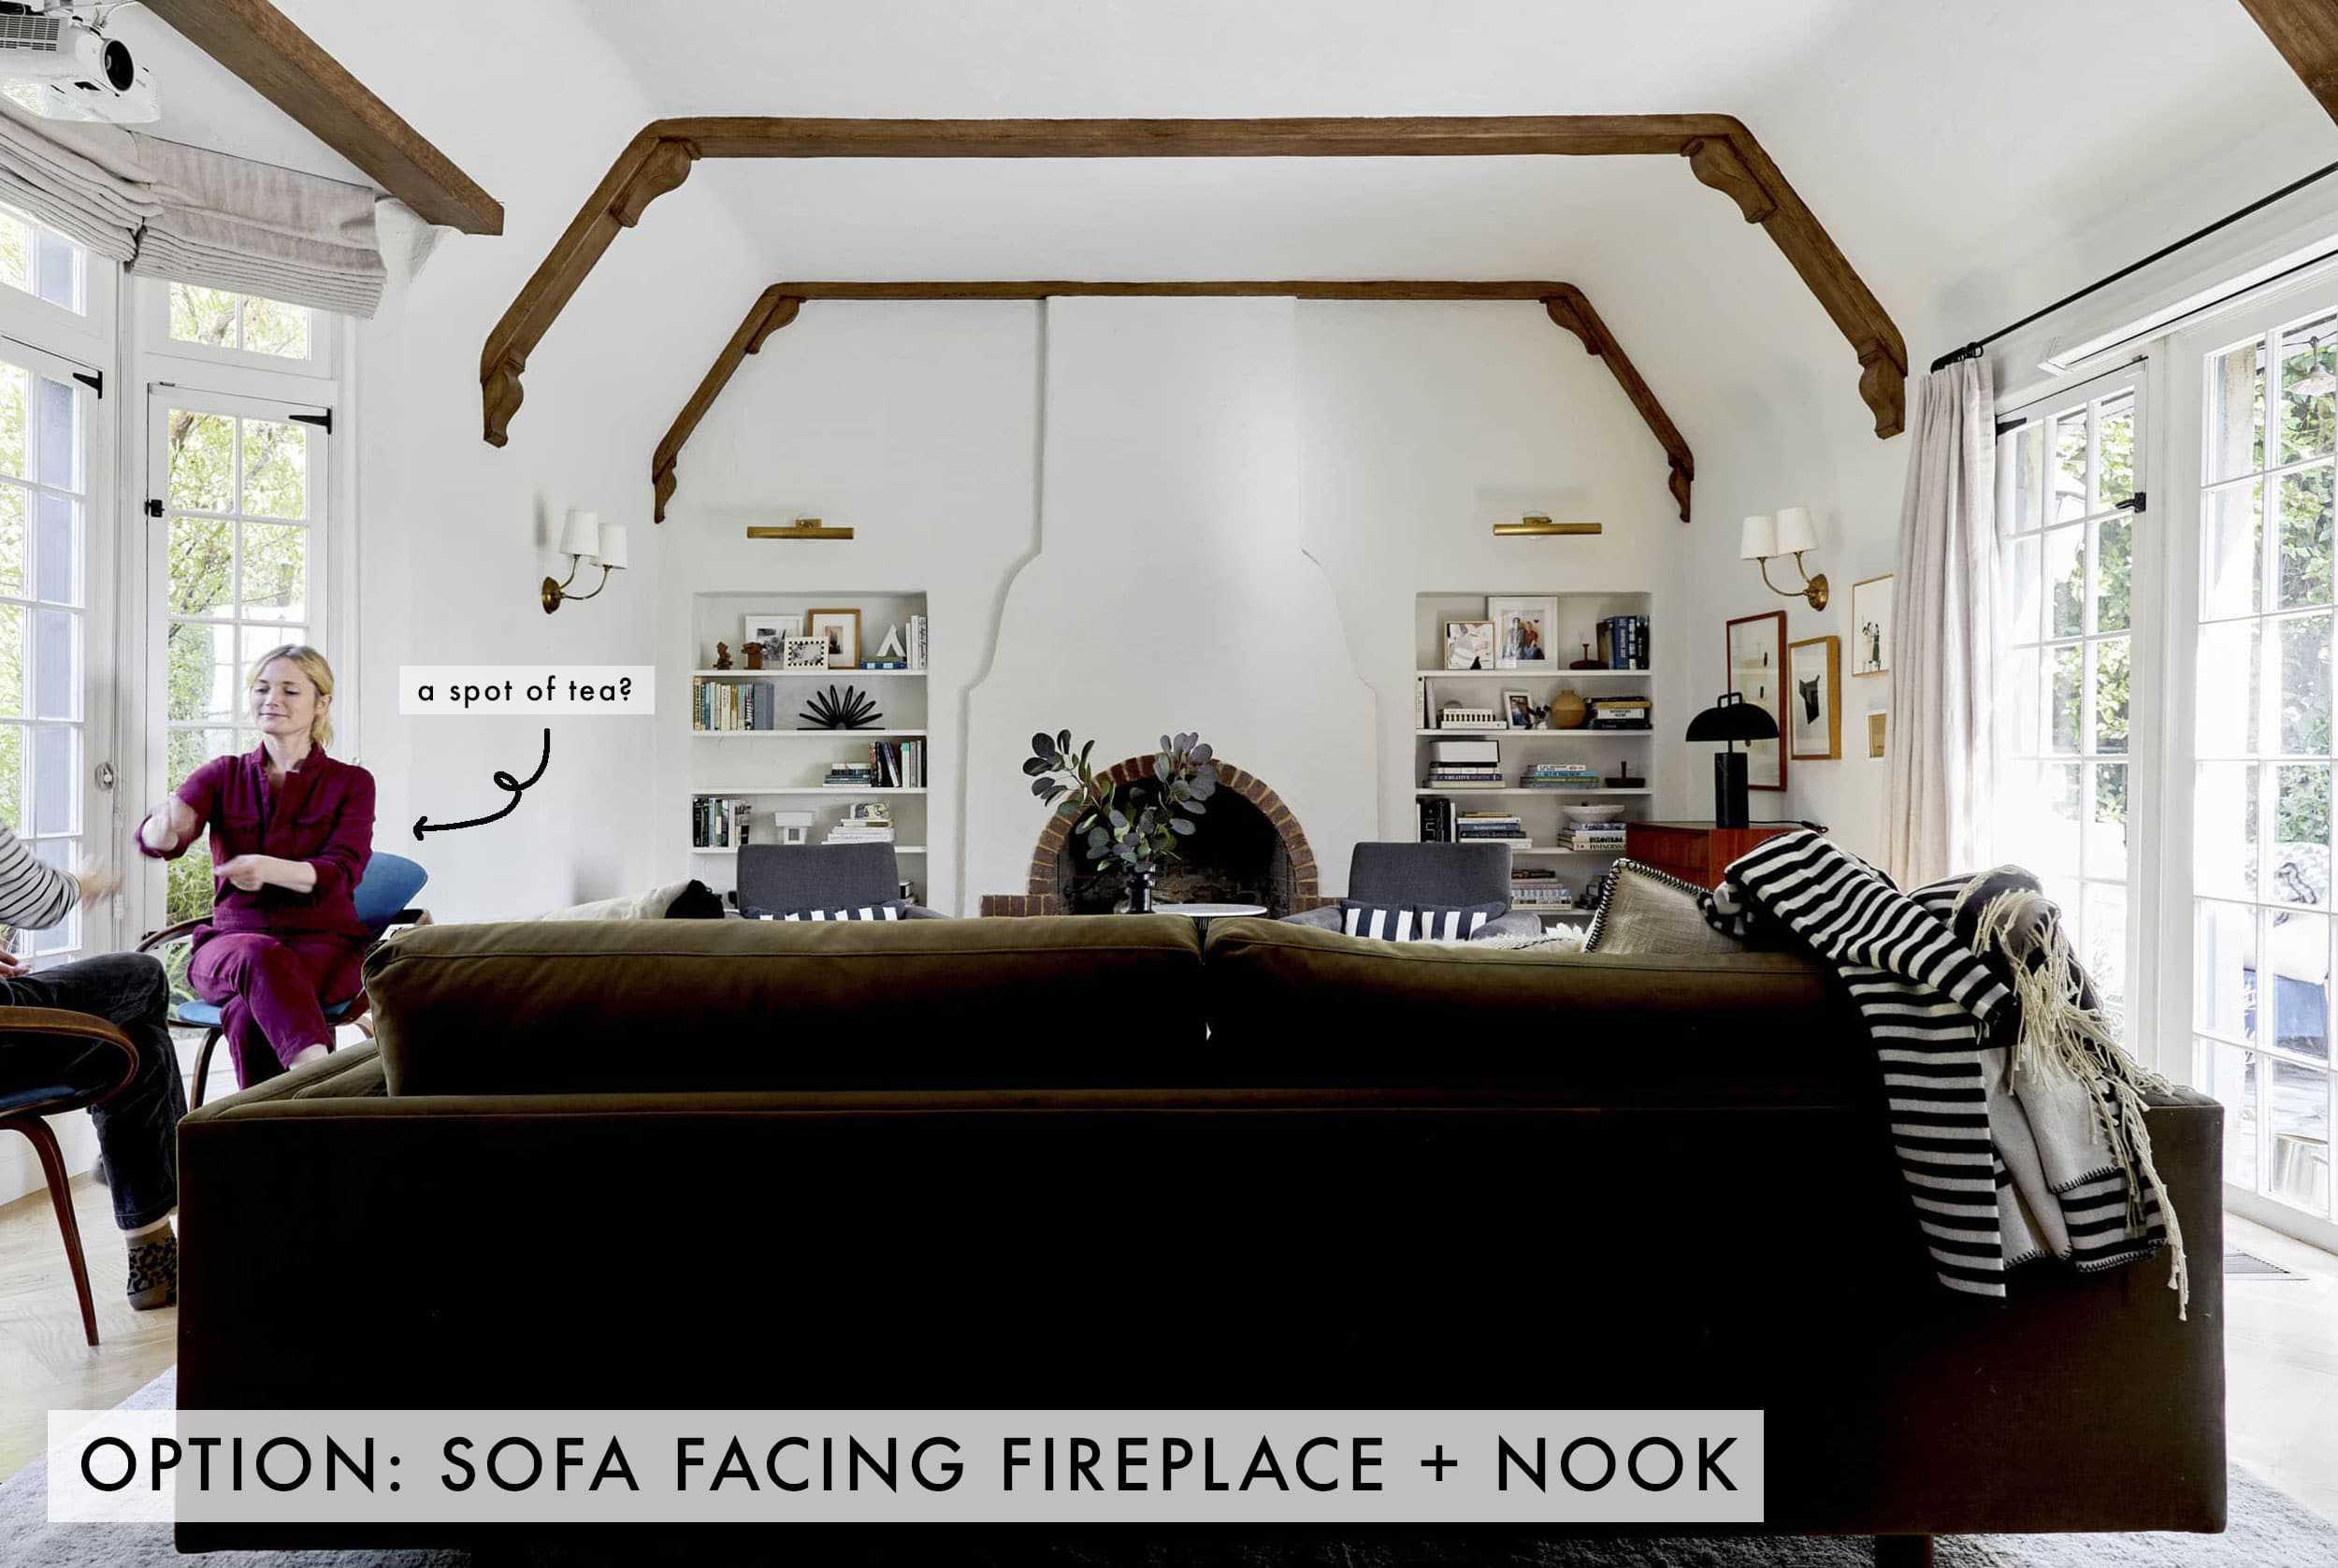 Sofa Facing Fireplace + Nook